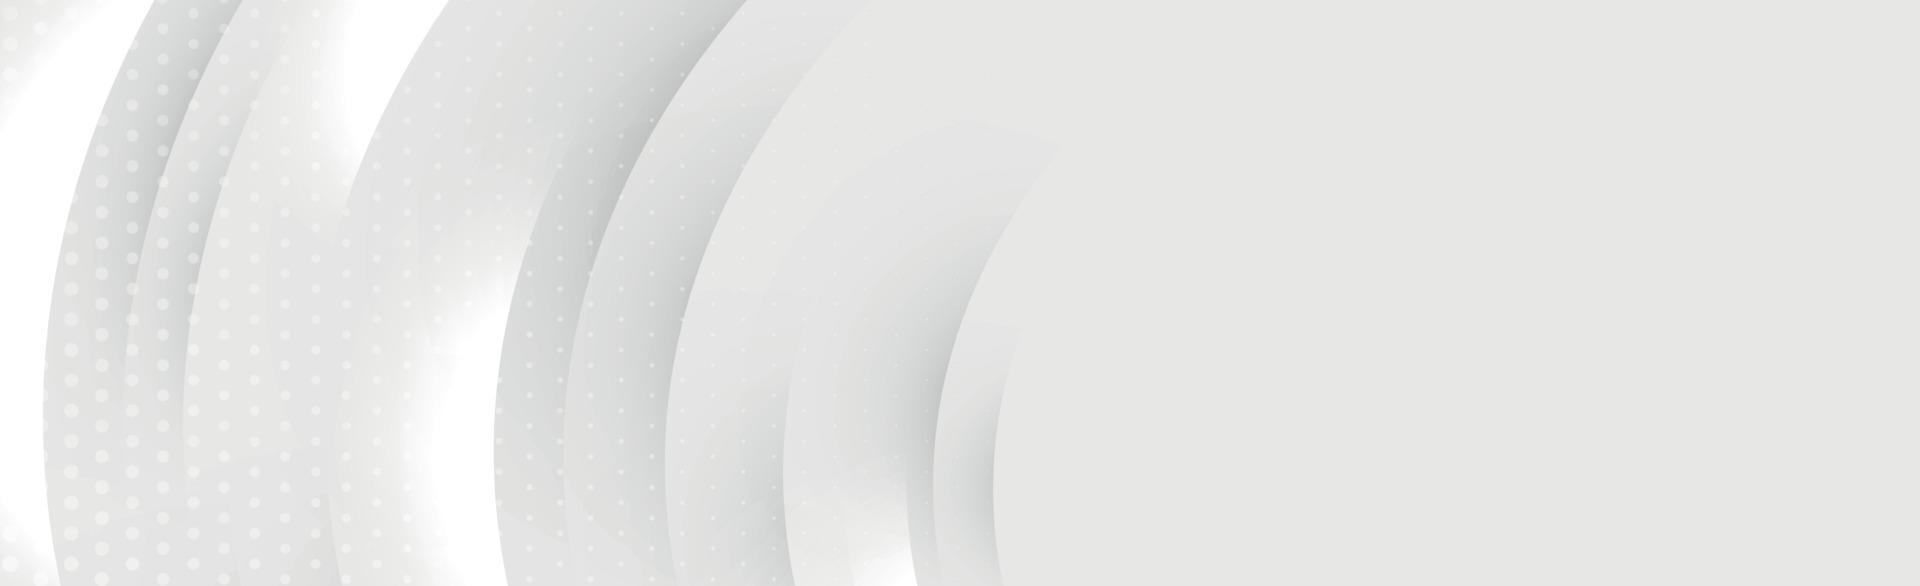 abstracte grijze achtergrond met golvende lijnen - vector